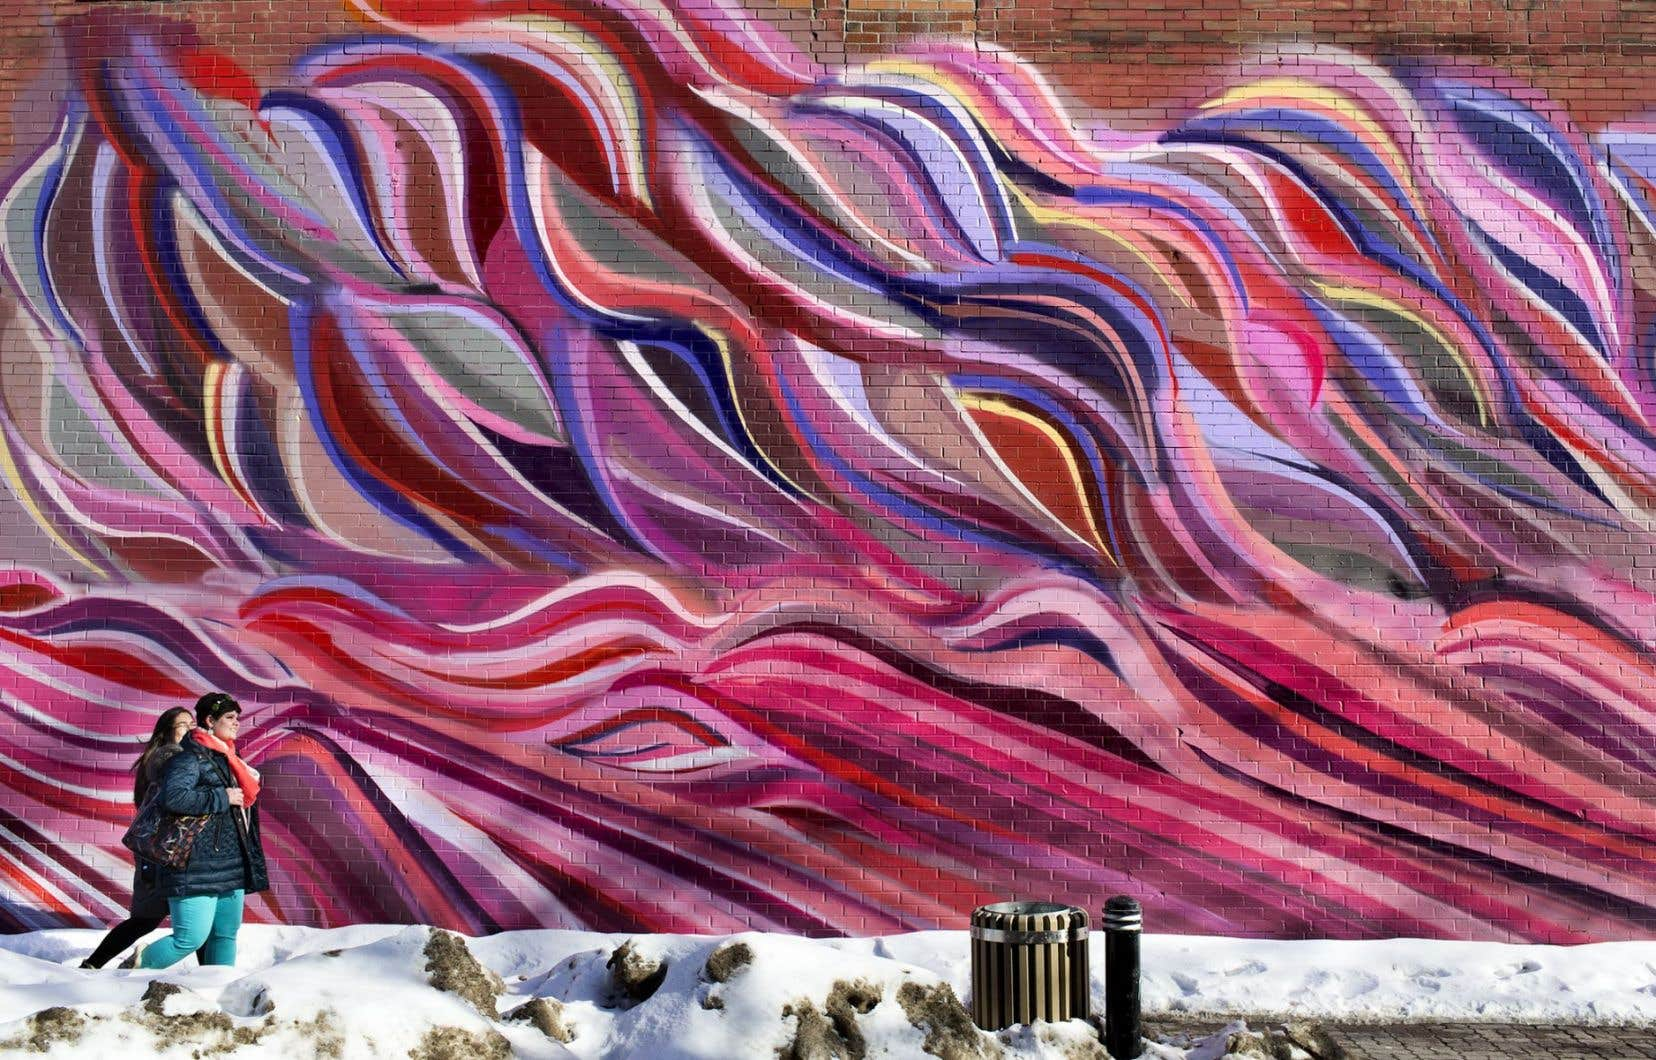 Créée au coin des rues Duluth et Saint-Denis, la murale de Philippe Mastrocola a été produite par l'organisme à but non lucratif MU.